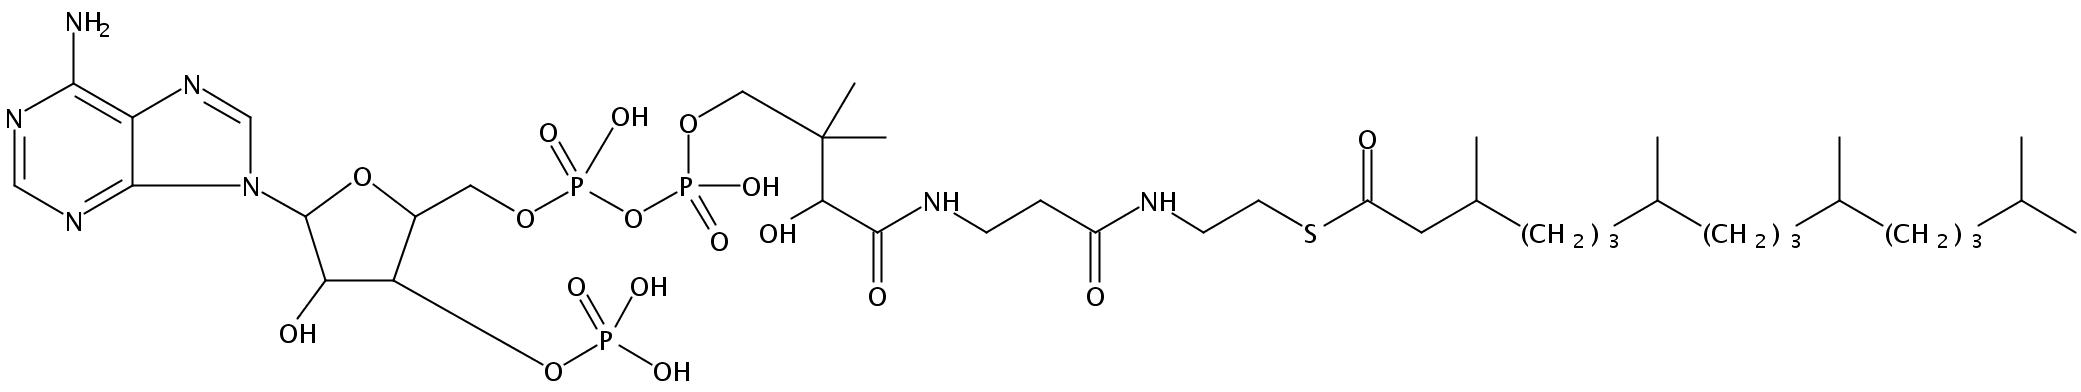 3,7,11,15-Tetramethylhexadecanoyl Coenzyme A (NH4)3 salt